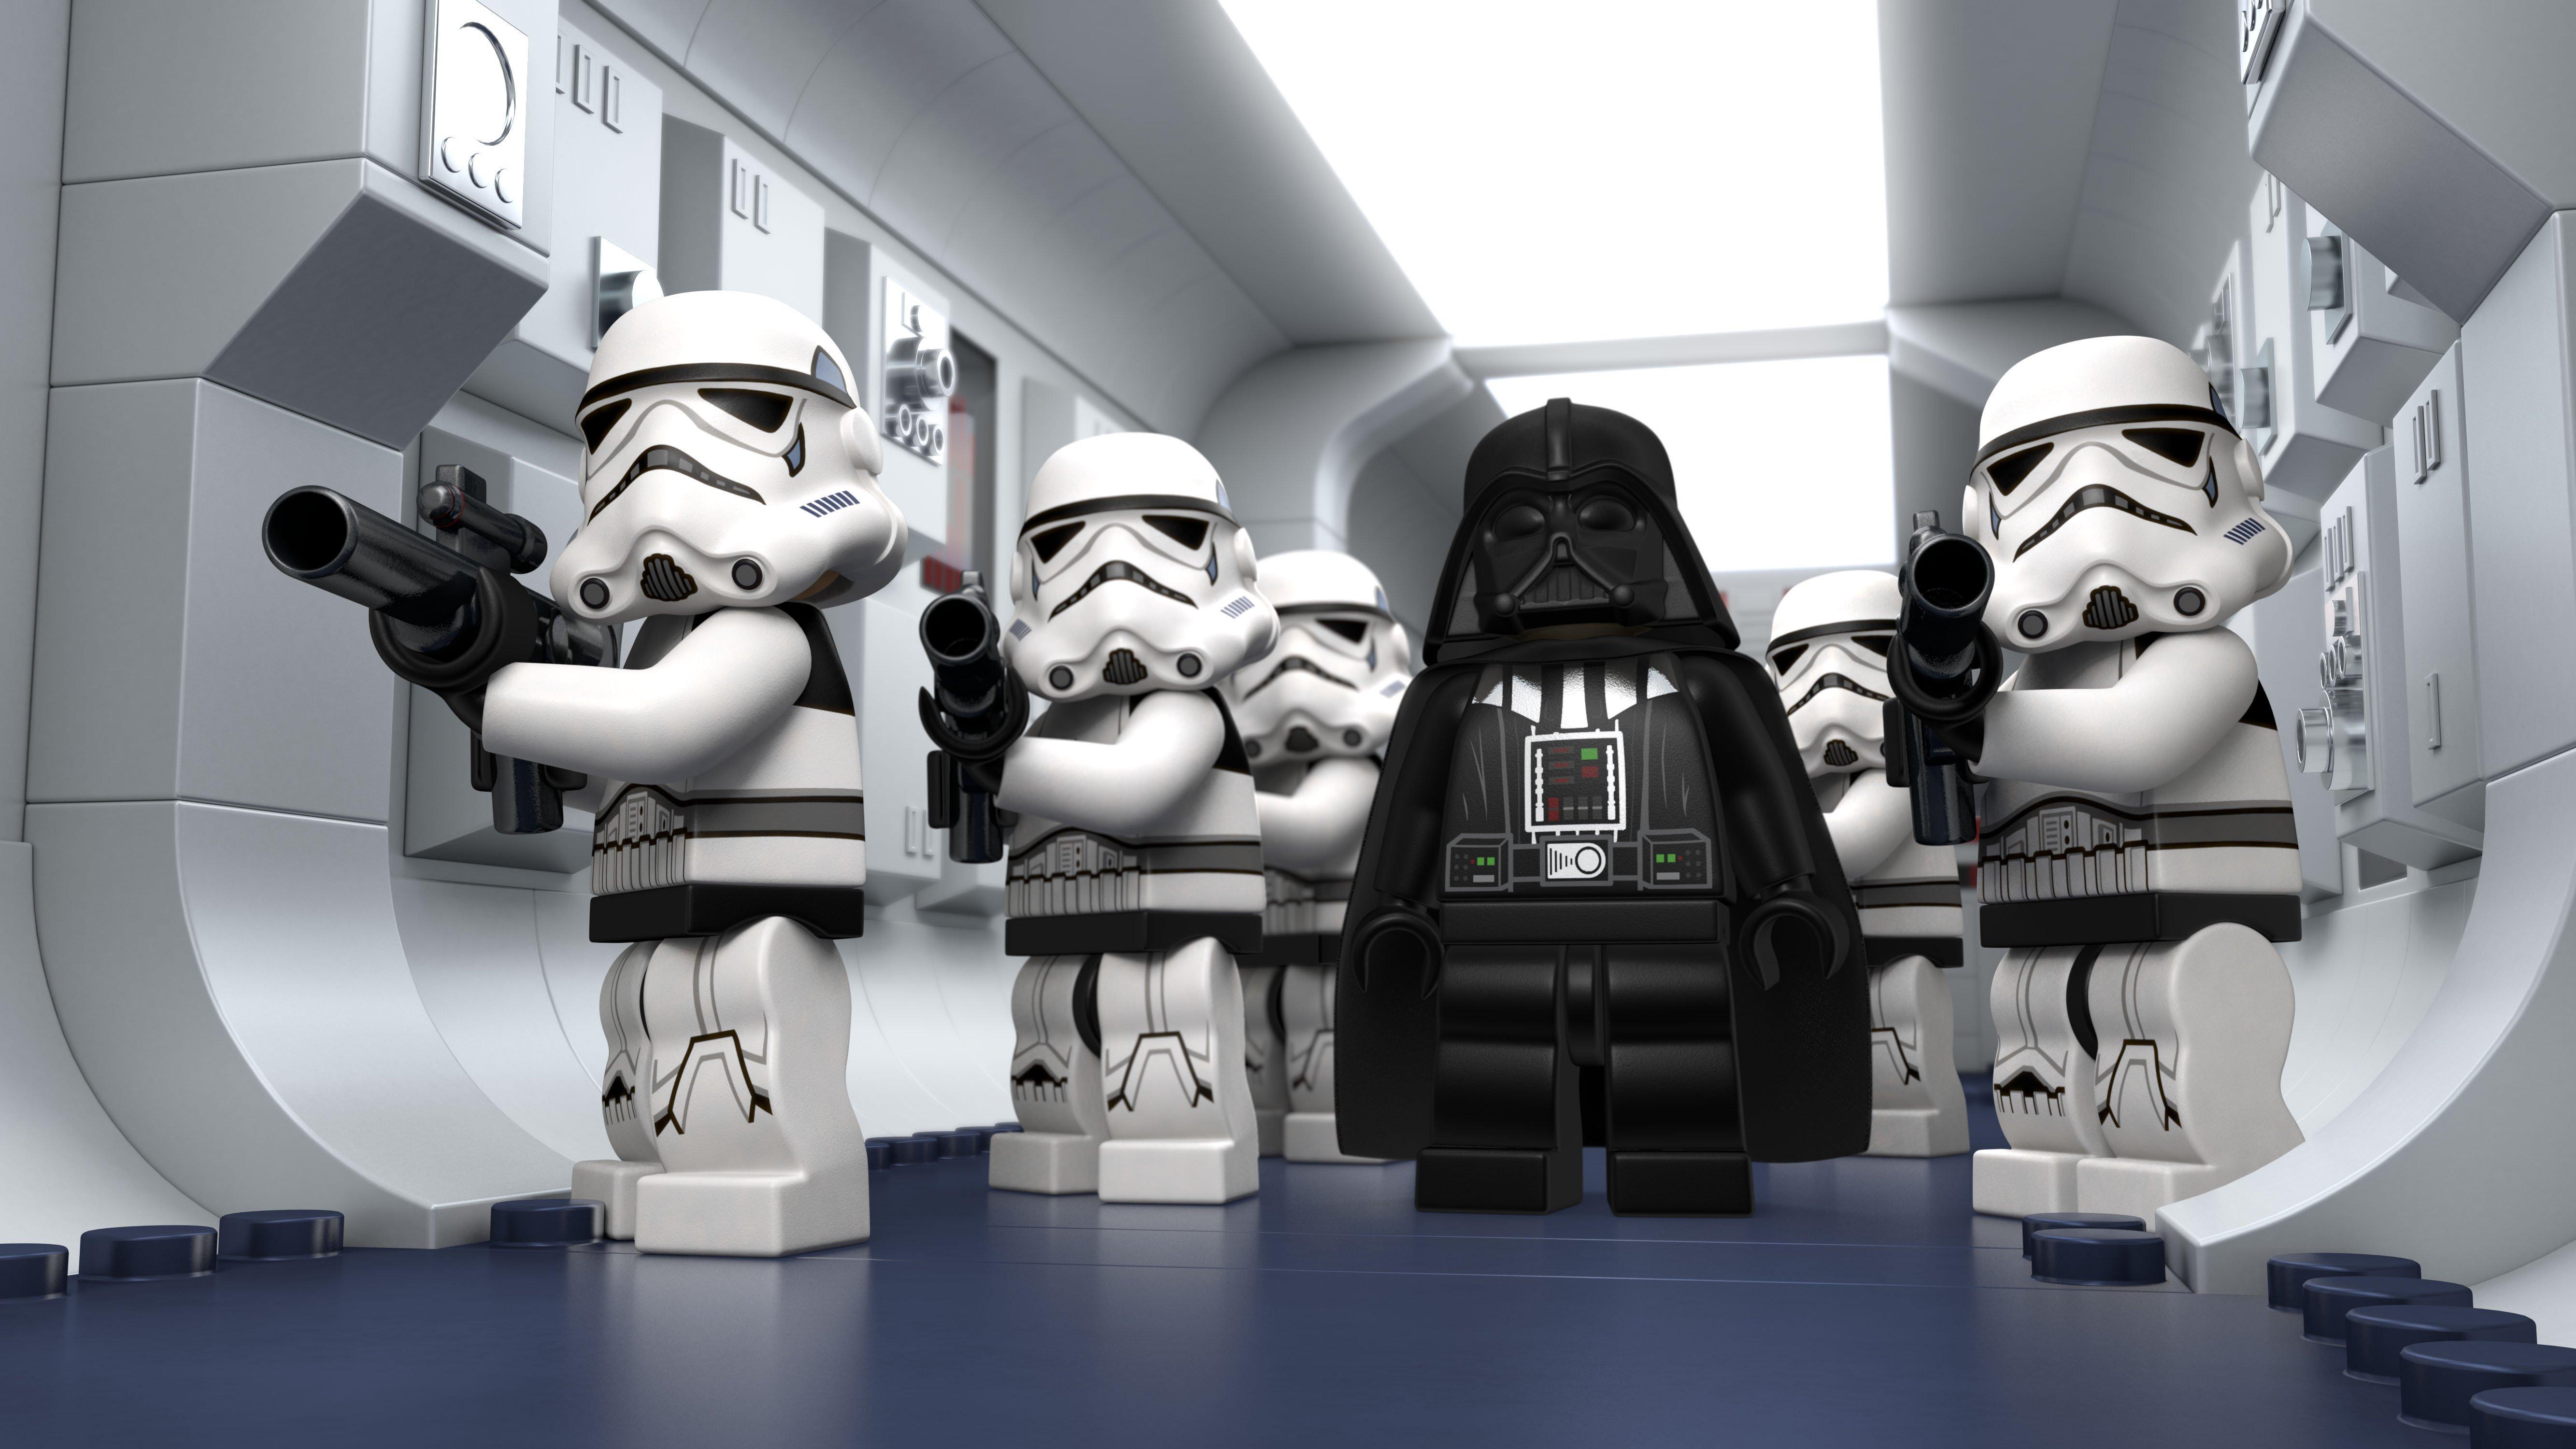 Lego Star Wars Stormtrooper Hd Wallpaper 5333x3000 Gludy